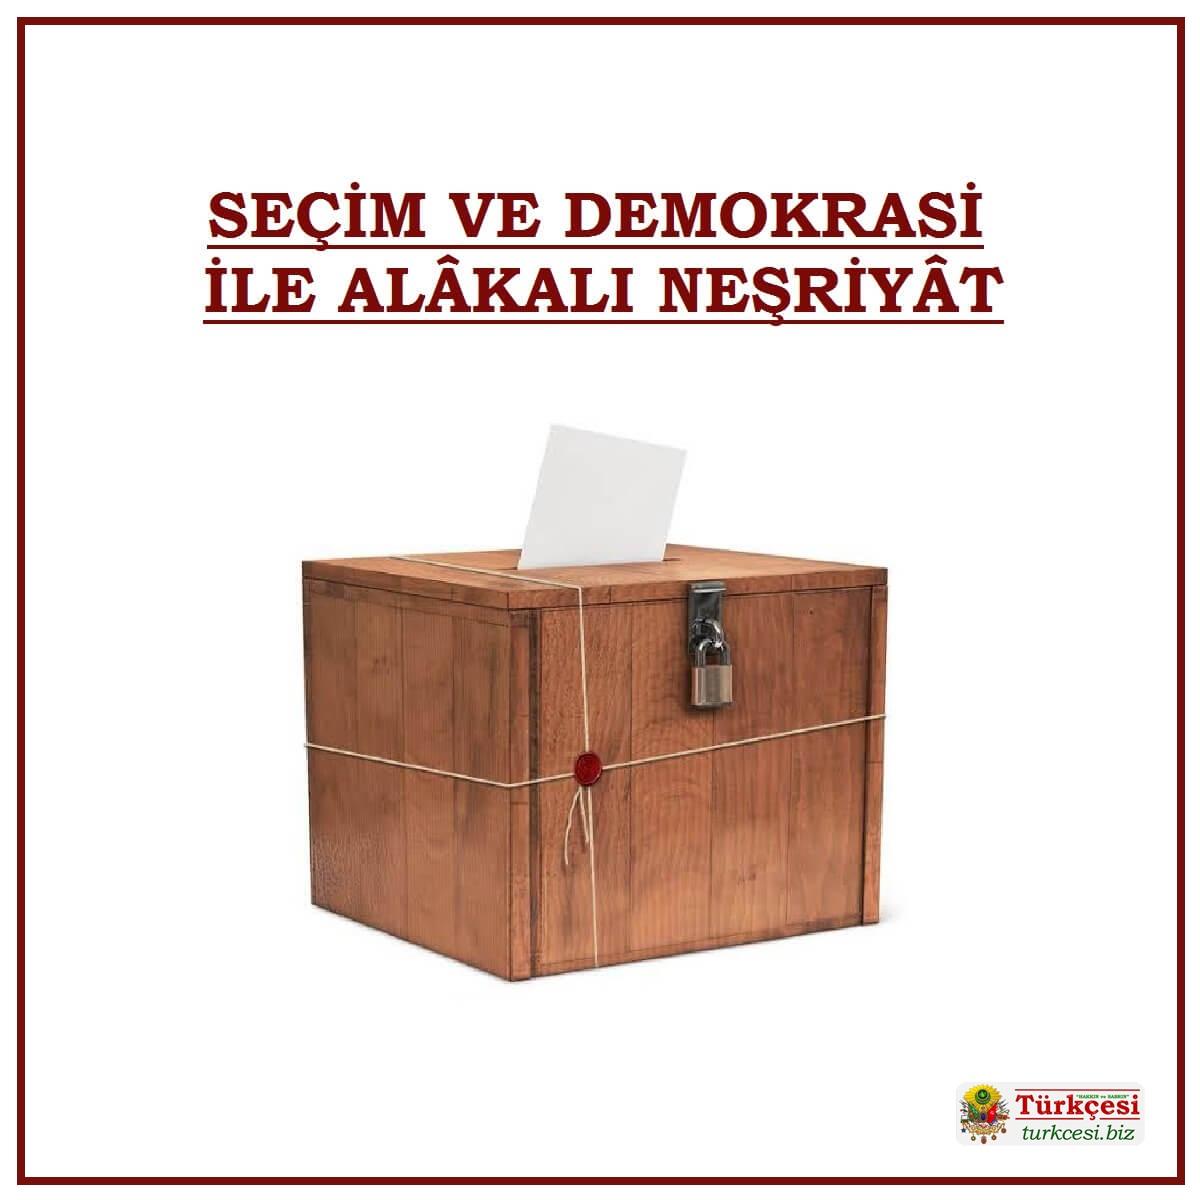 secim-demokrasi-nesriyat